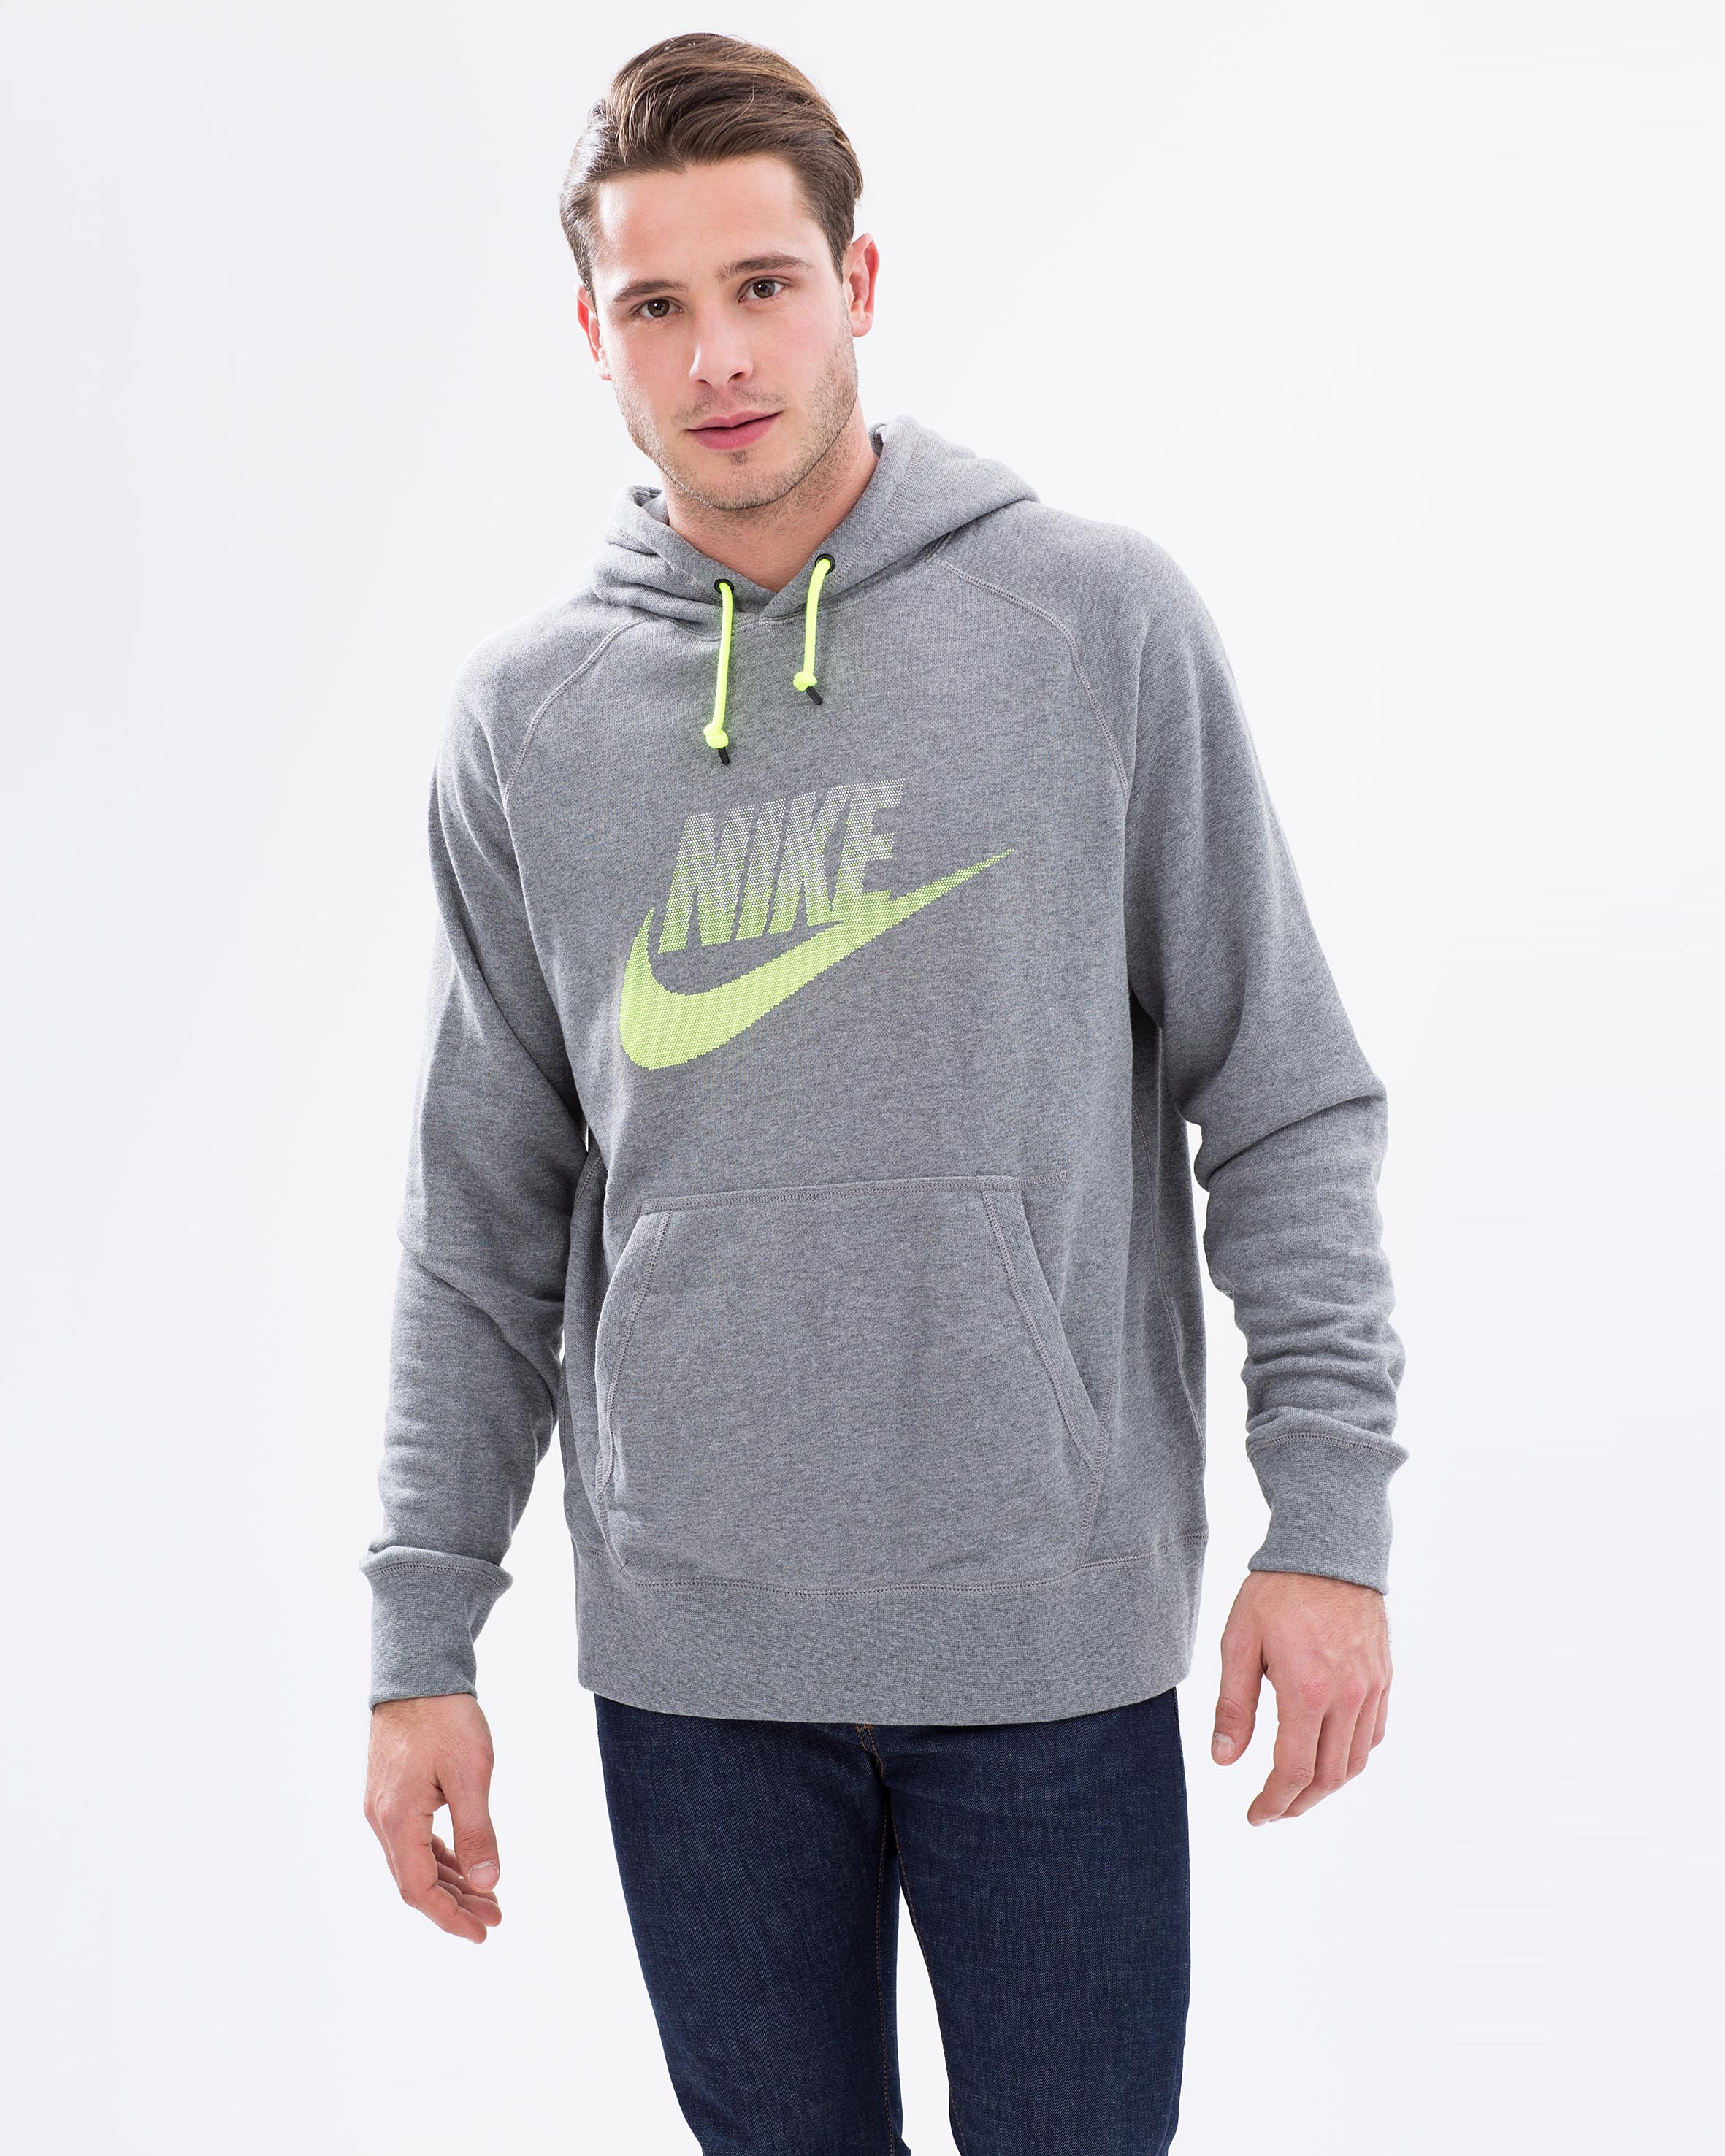 Buy hoodies online